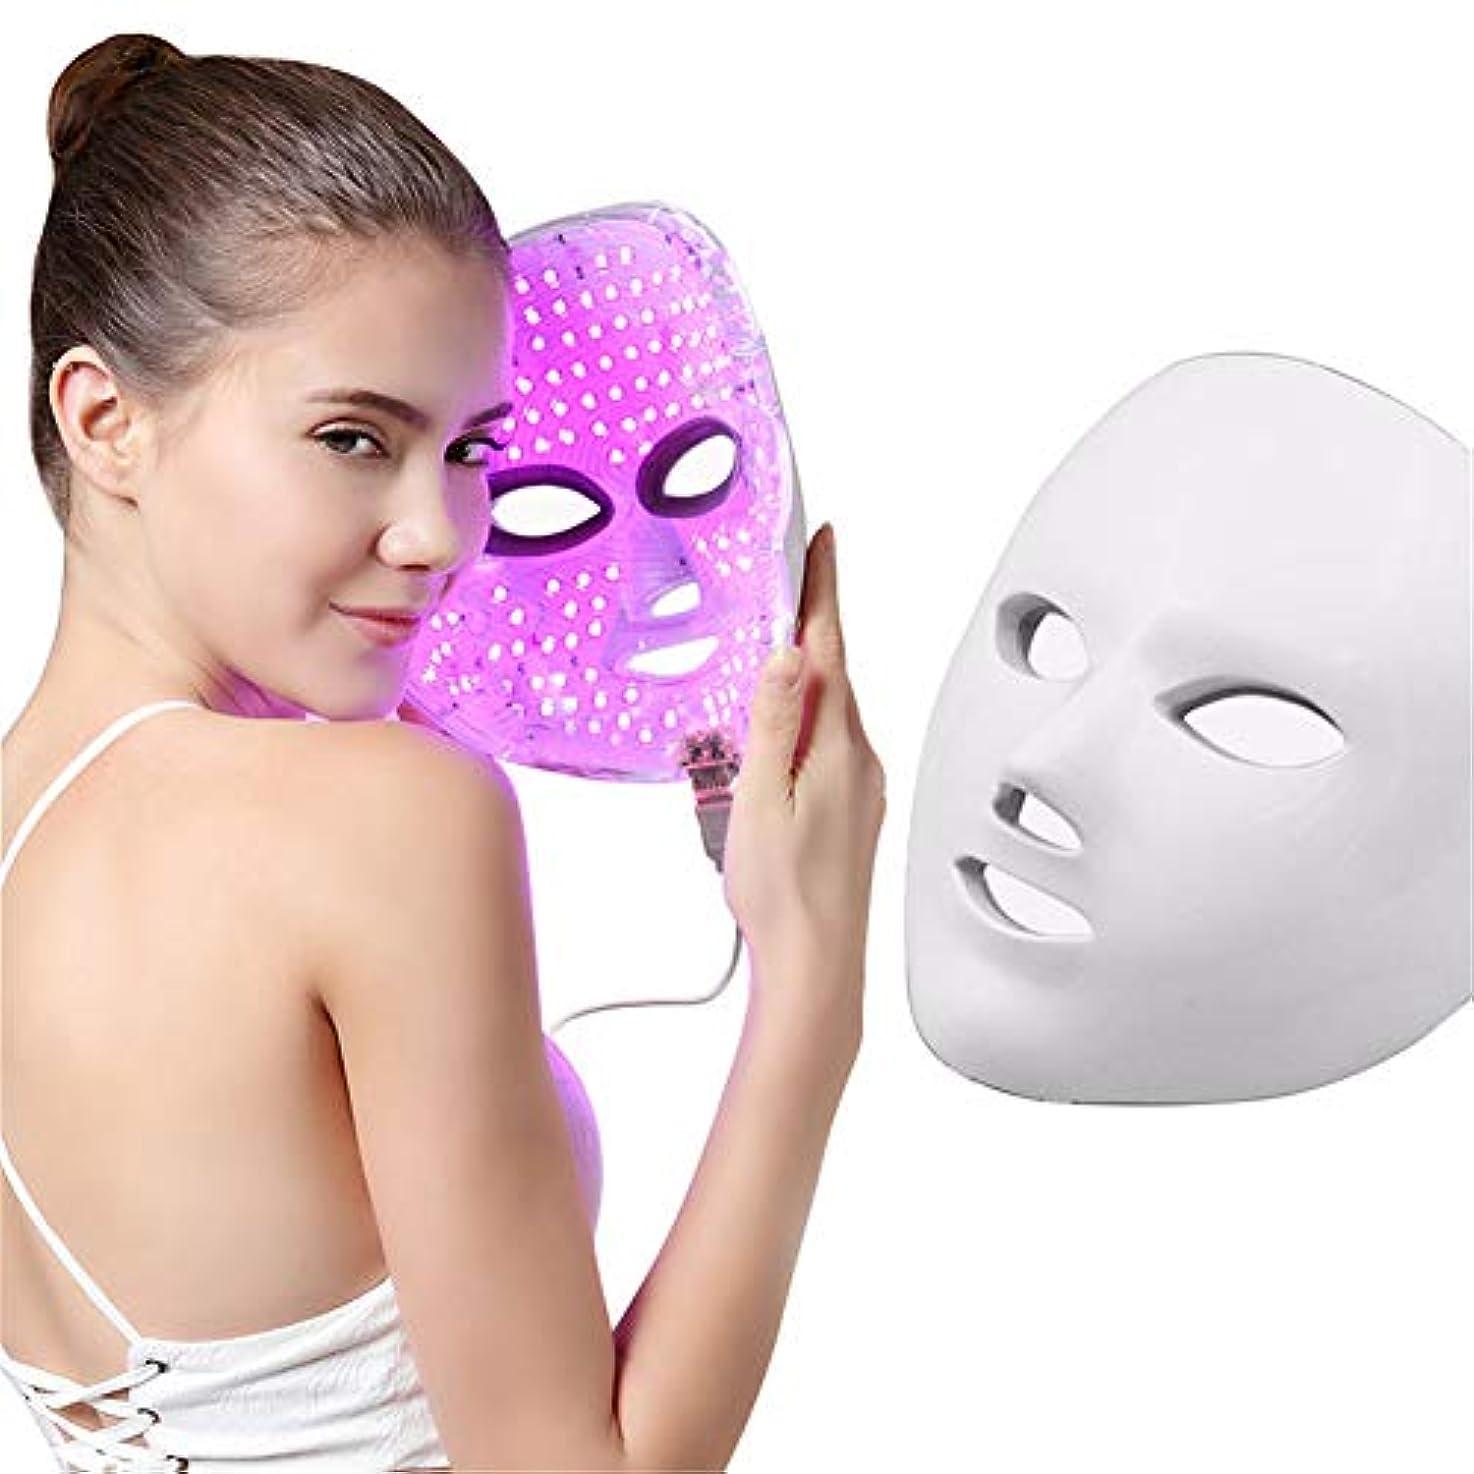 チャーミング一杯心配7色ledマスク若返りにきび除去しわライト美容マスクled光線療法マッサージフェイシャルケア機付きリモコン